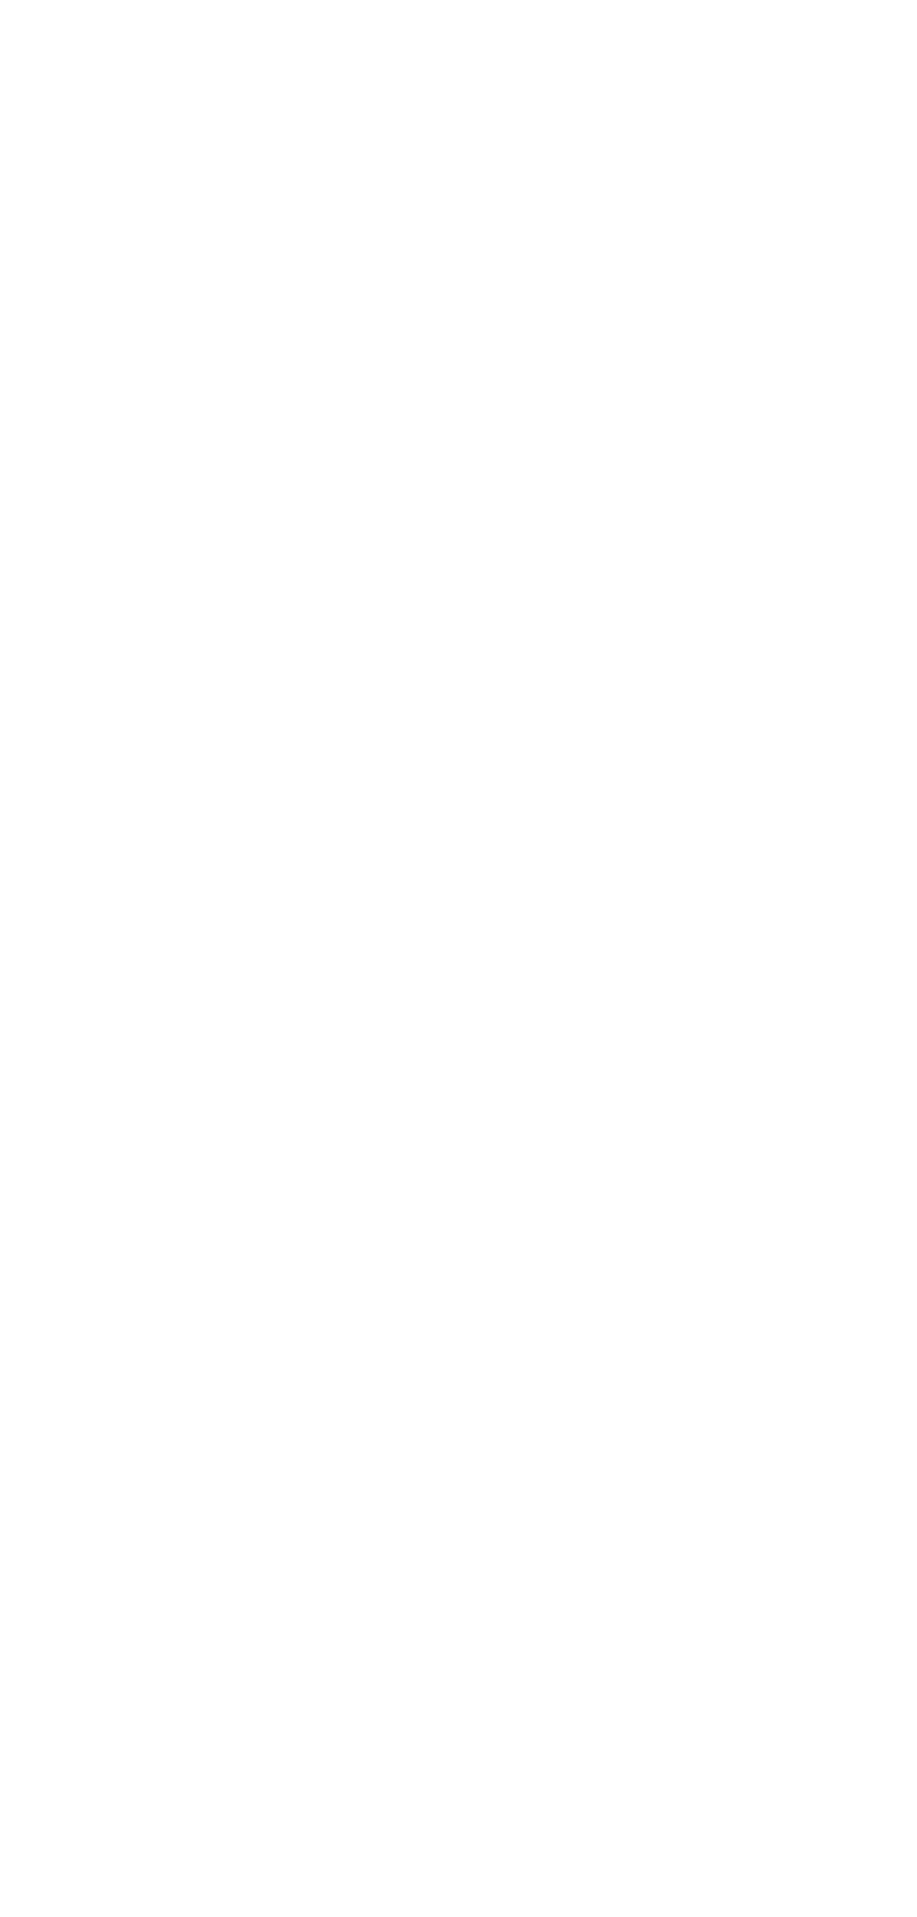 timecard-white